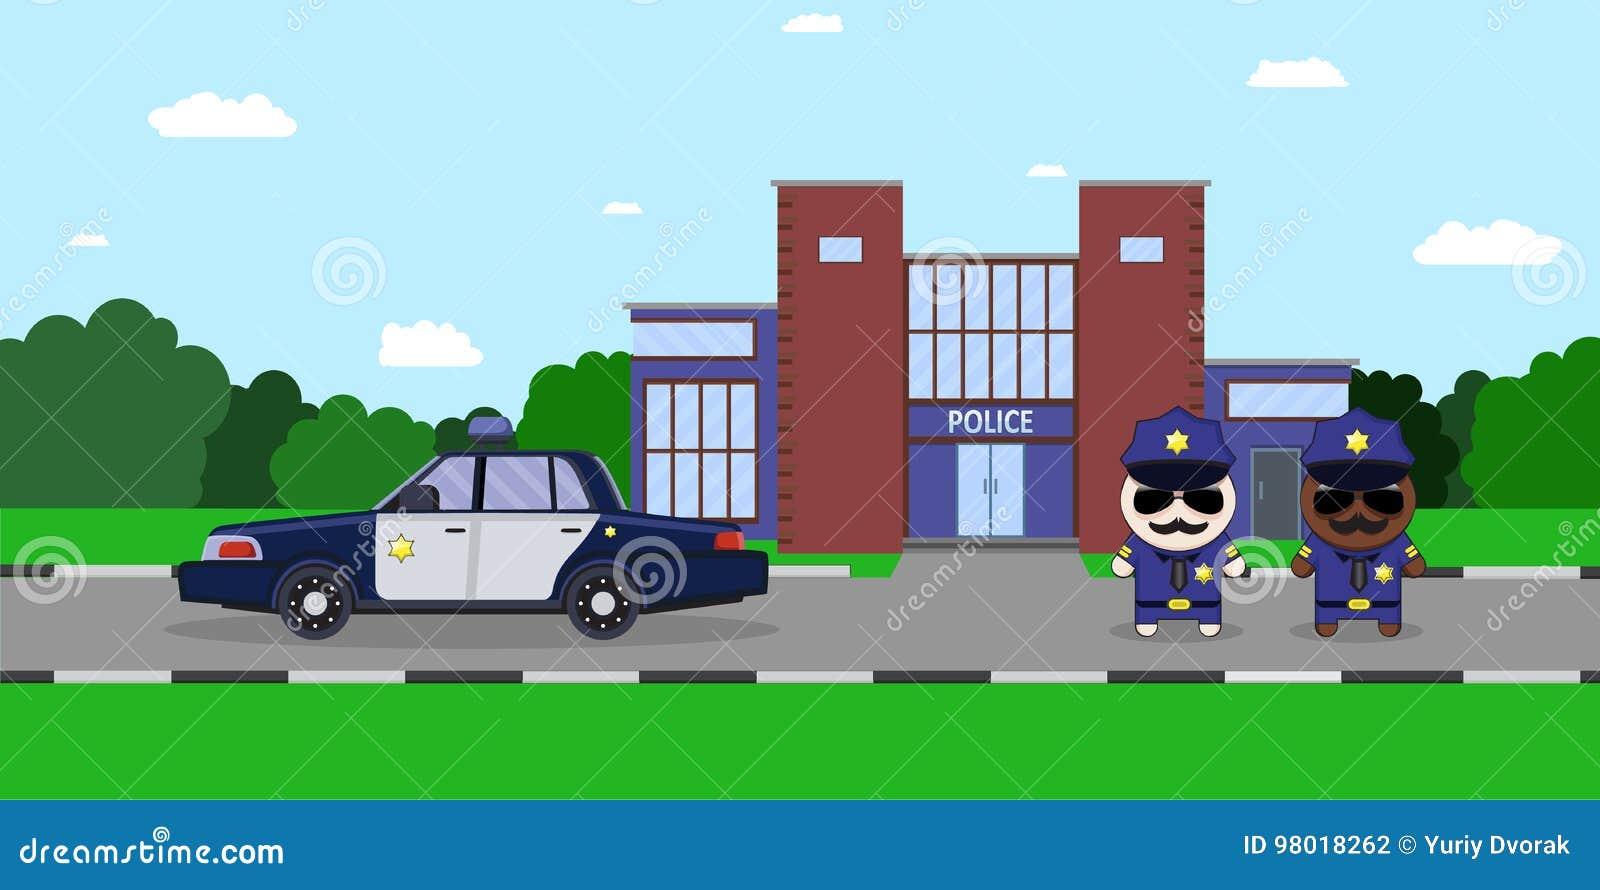 police officer on the city street cartoon vector